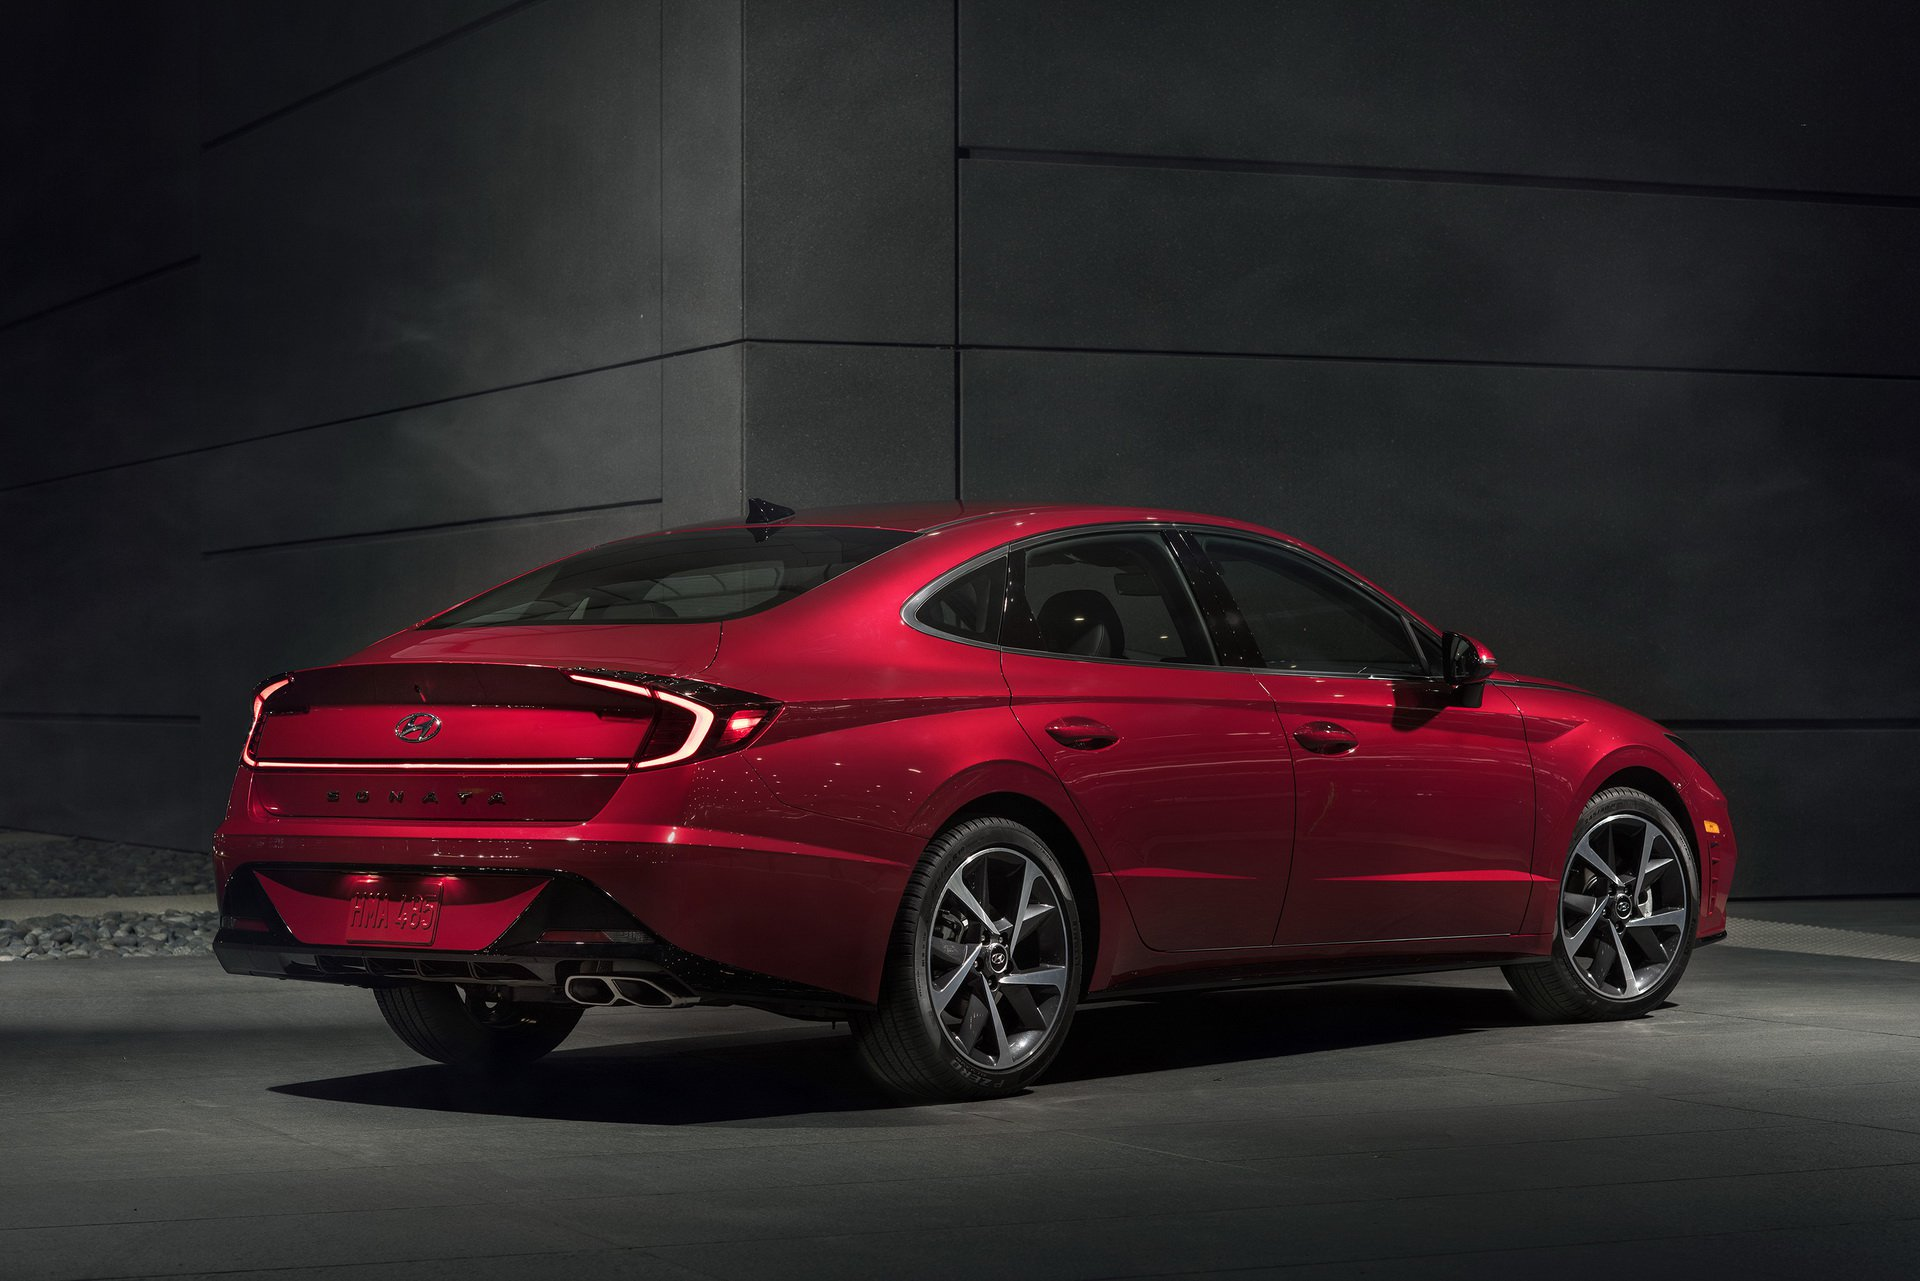 Hyundai_Sonata_Digital_Key_0005